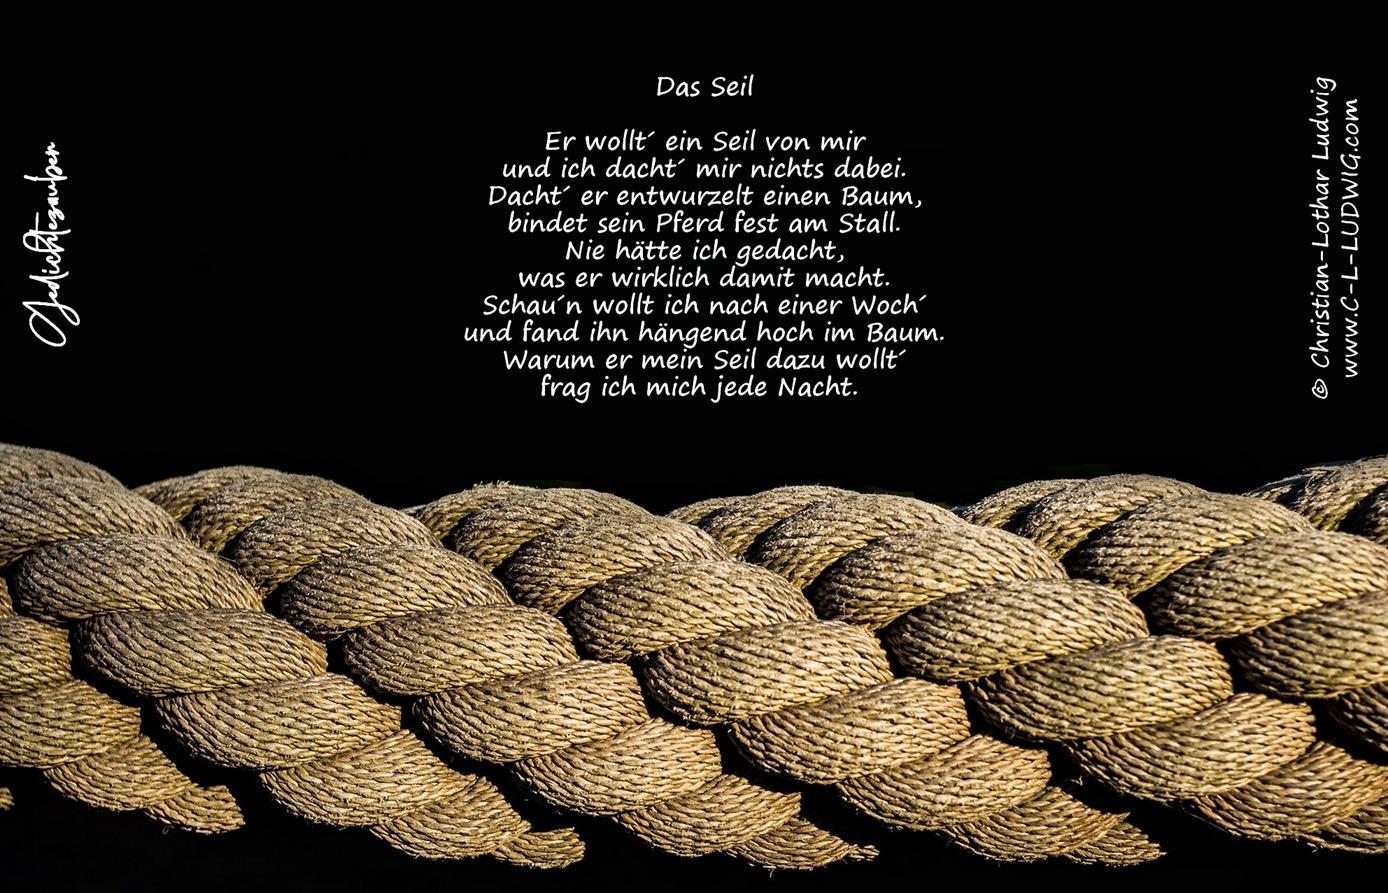 Das Seil (Copy)